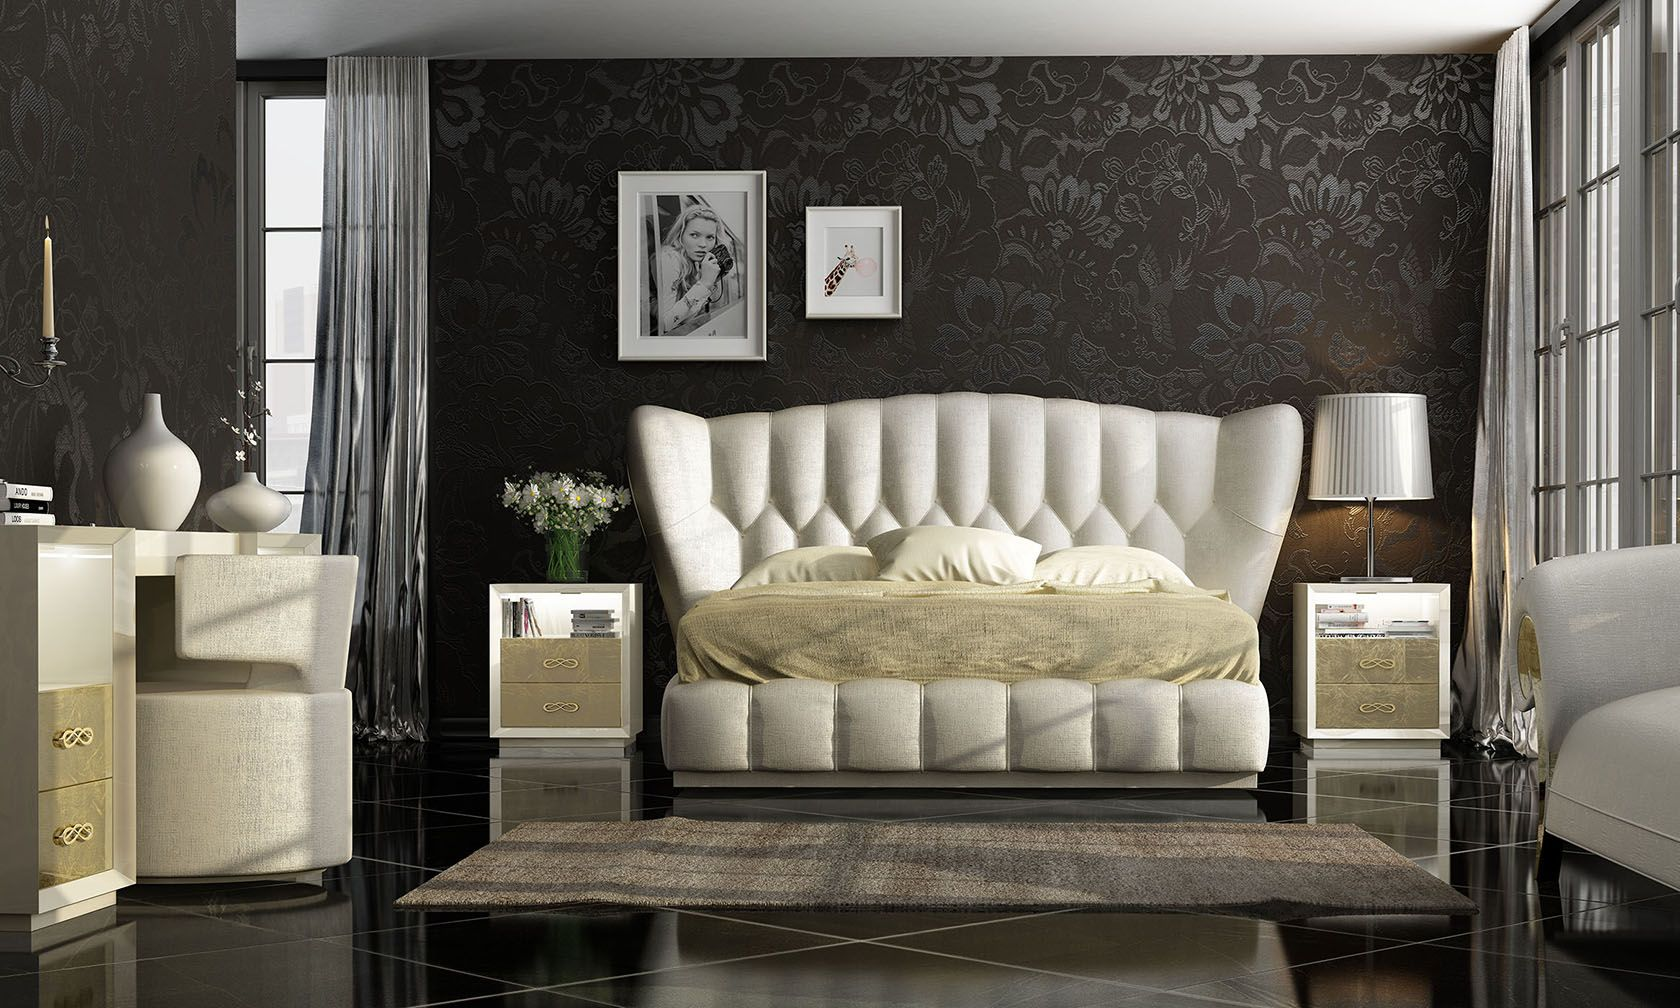 Cabecero y bancada tapizados van a la perfección   Dormitorios Kiu ...